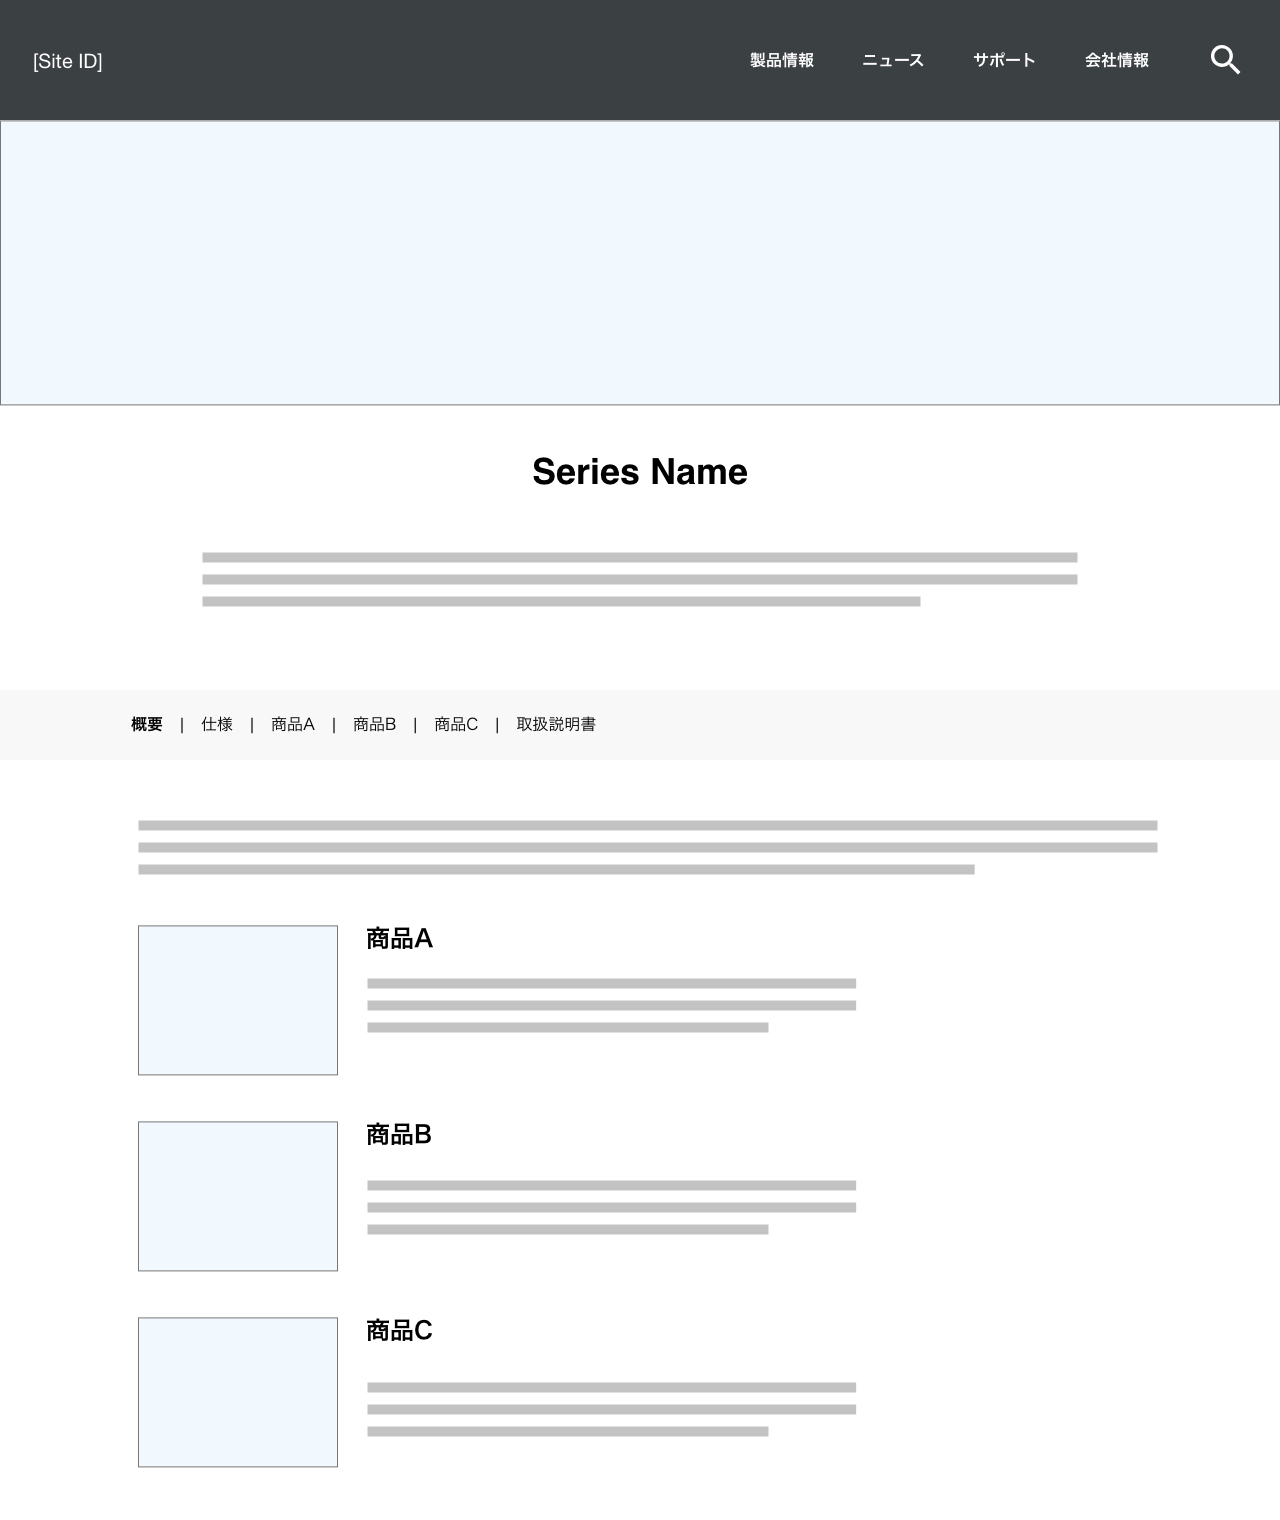 個別商品の詳細情報へのリンクがローカルナビゲーションにのみ存在している例